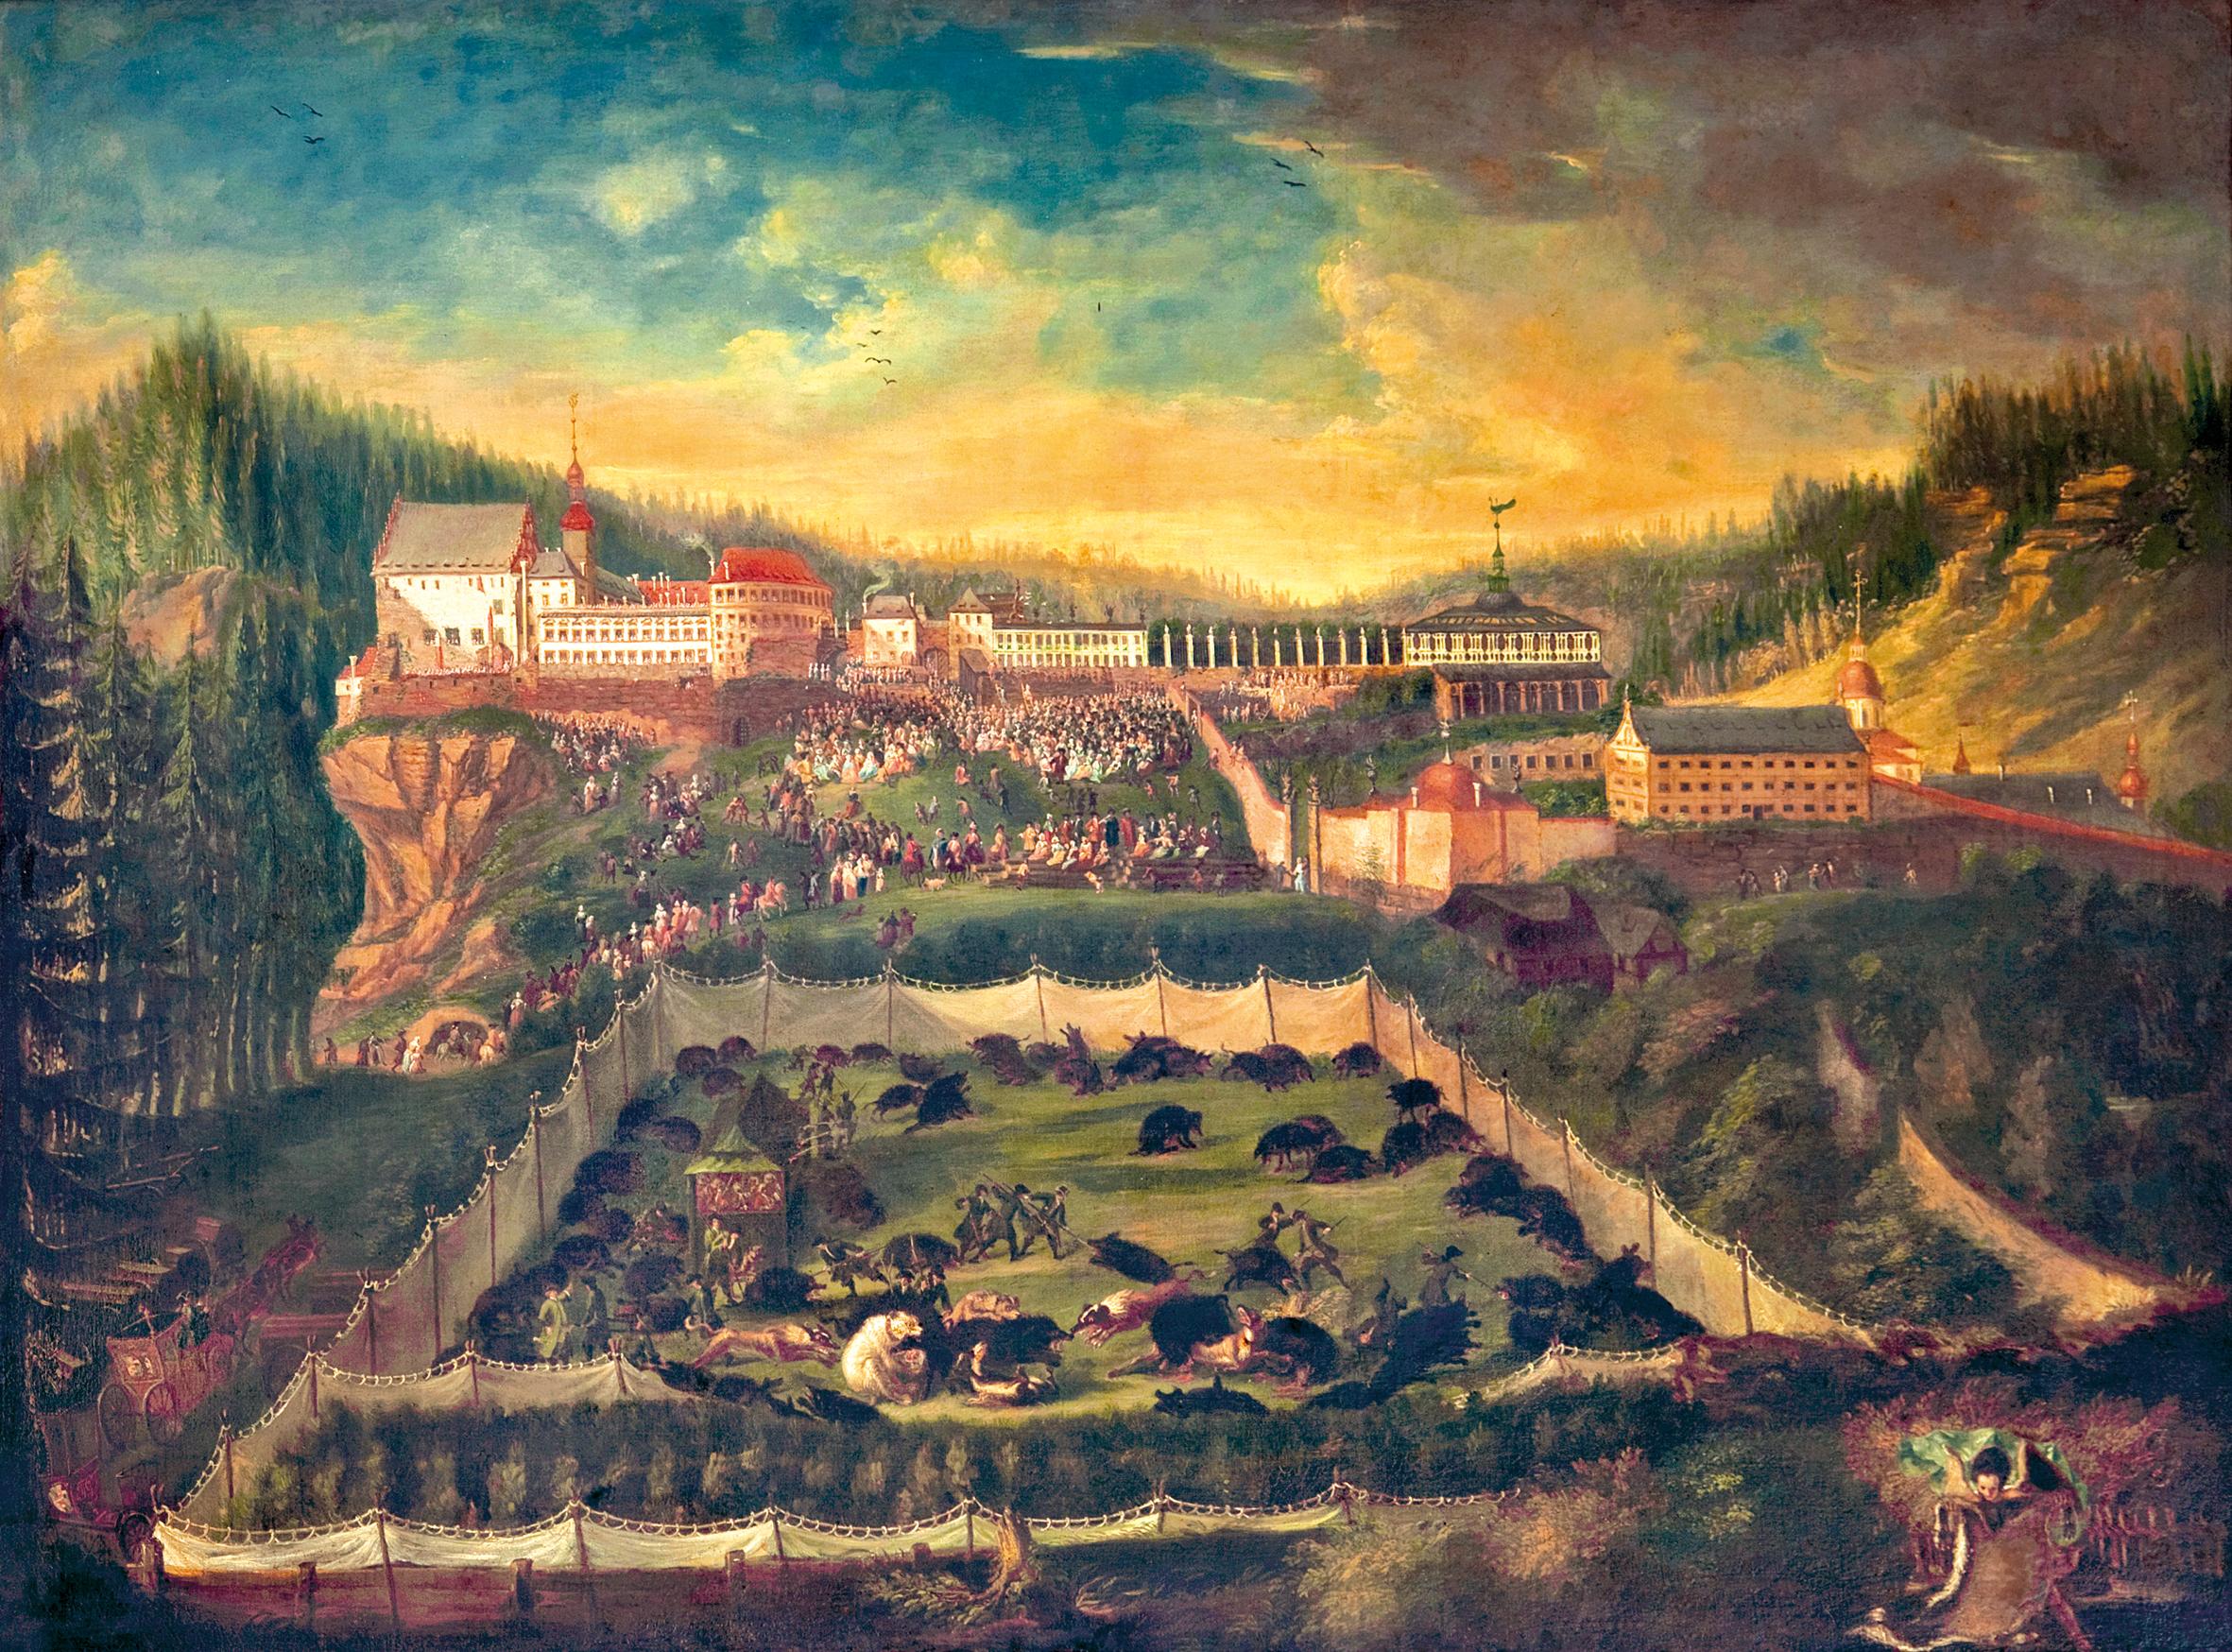 Historický pohled na zámek Děčín v barokní podobě